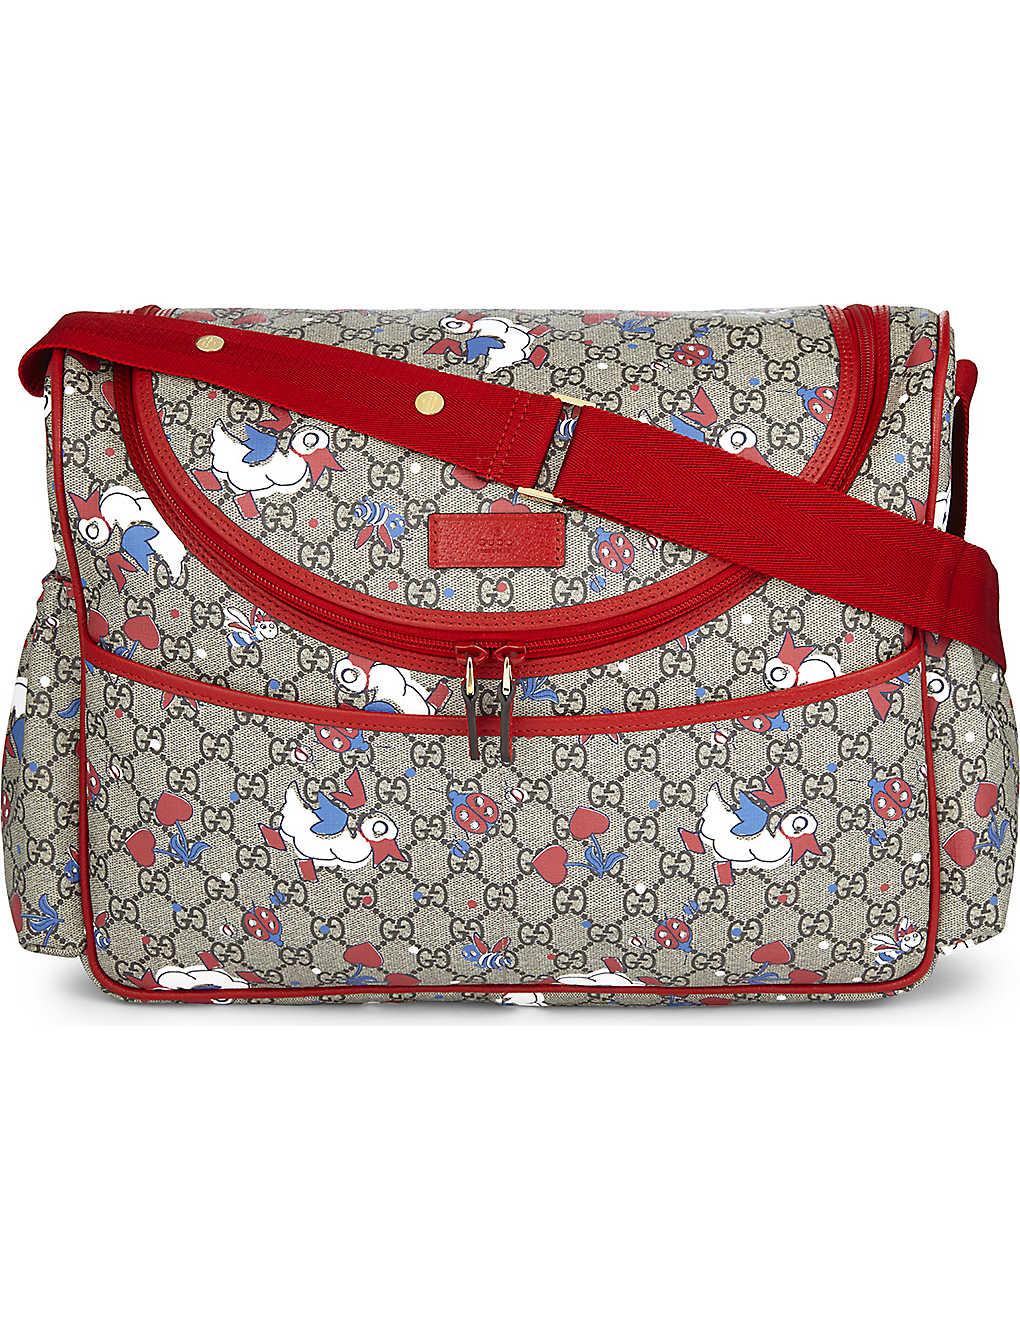 10cf03a7856a GUCCI - Canvas baby changing bag | Selfridges.com